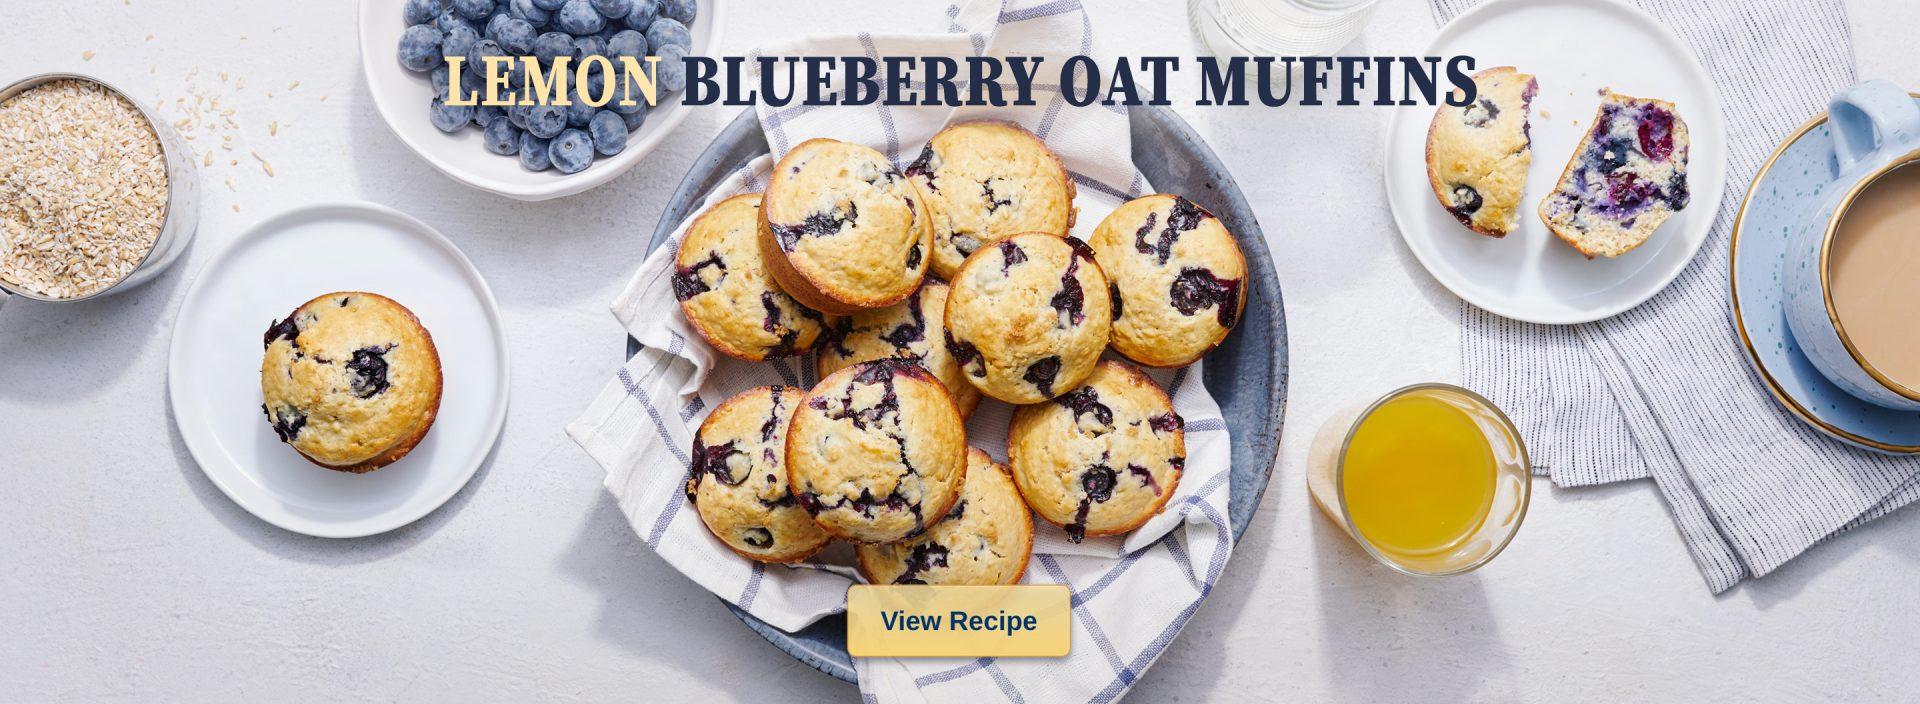 View Muffin Recipe